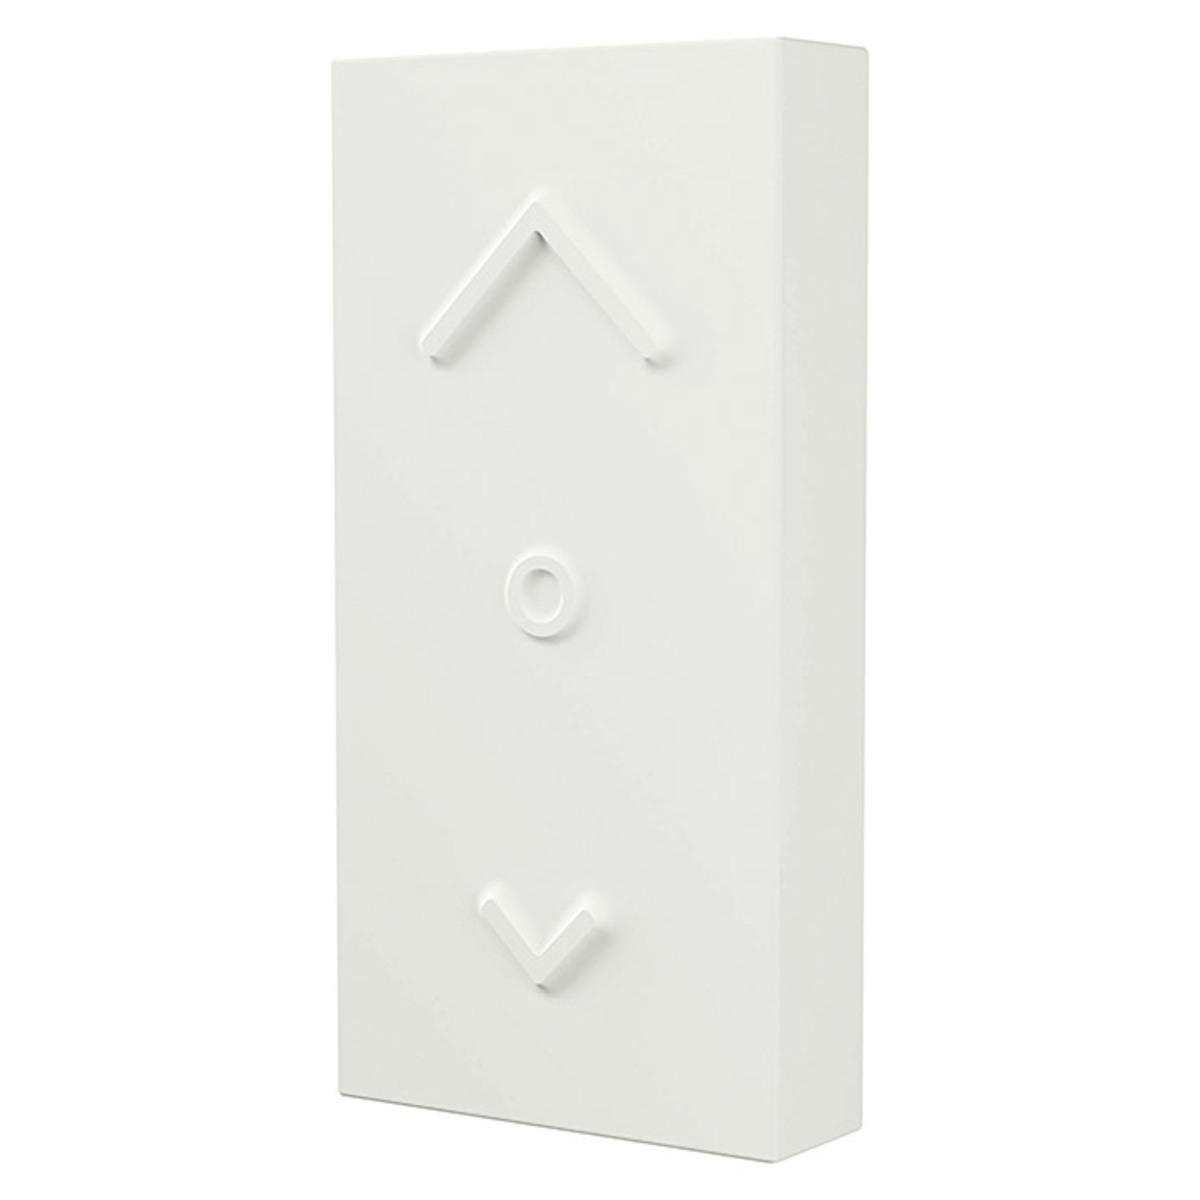 Bild 1 von Osram Smart+ ZigBee Fernbedienung Switch Mini